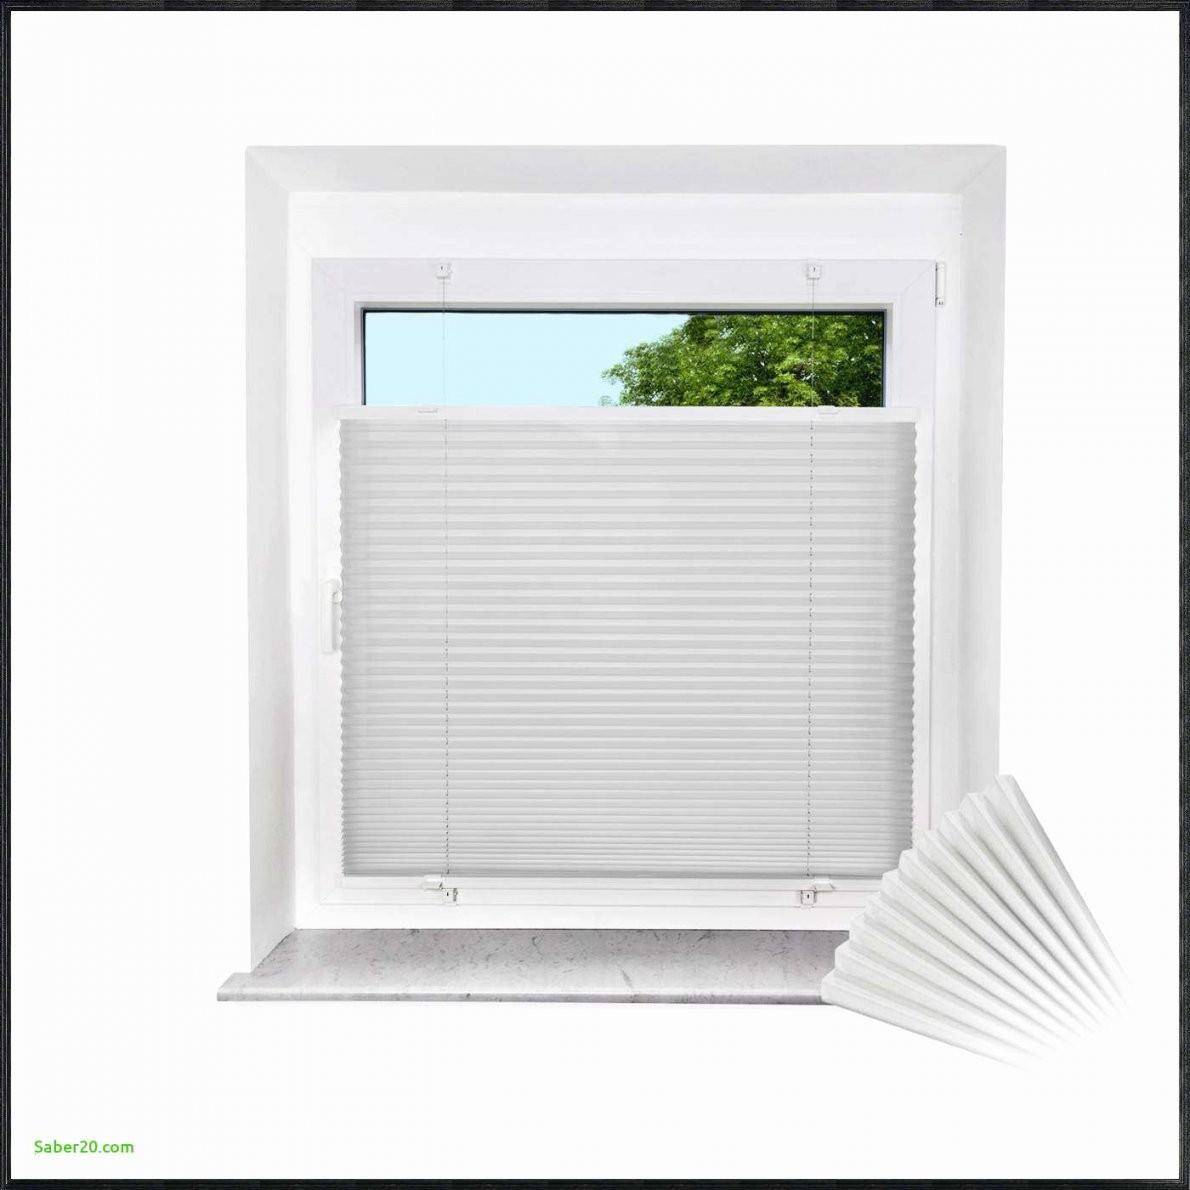 Rollos Zum Einhängen Ins Fenster Frisch 21 Elegant Rollo Für von Rollos Zum Einhängen Ins Fenster Bild